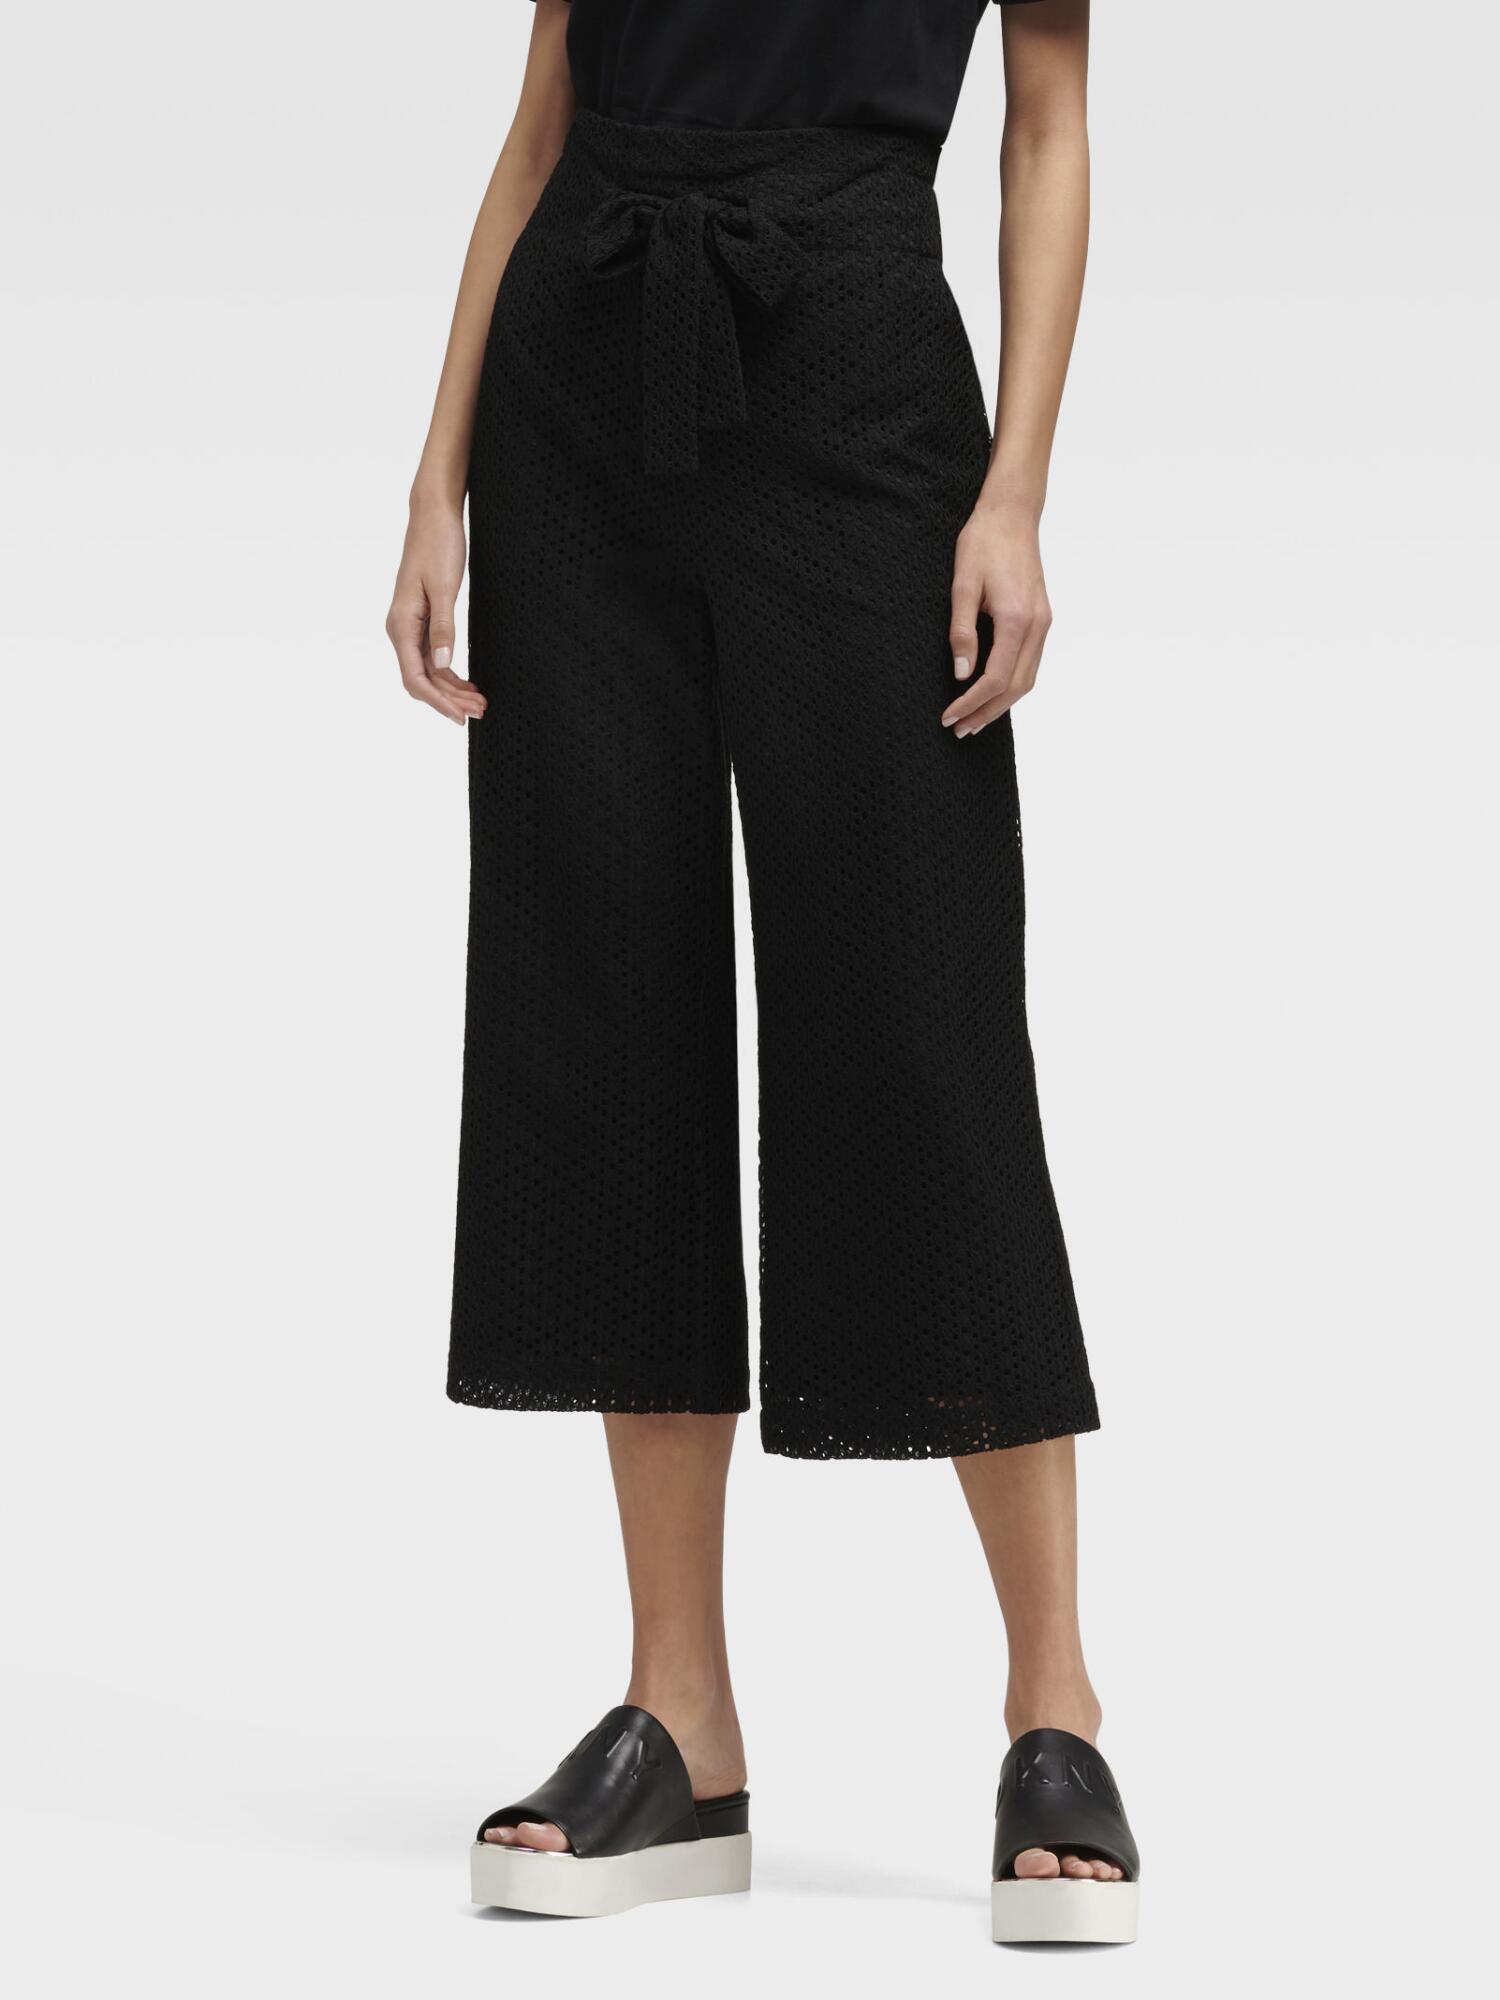 Donna Karan Cropped Eyelet Pant In Black